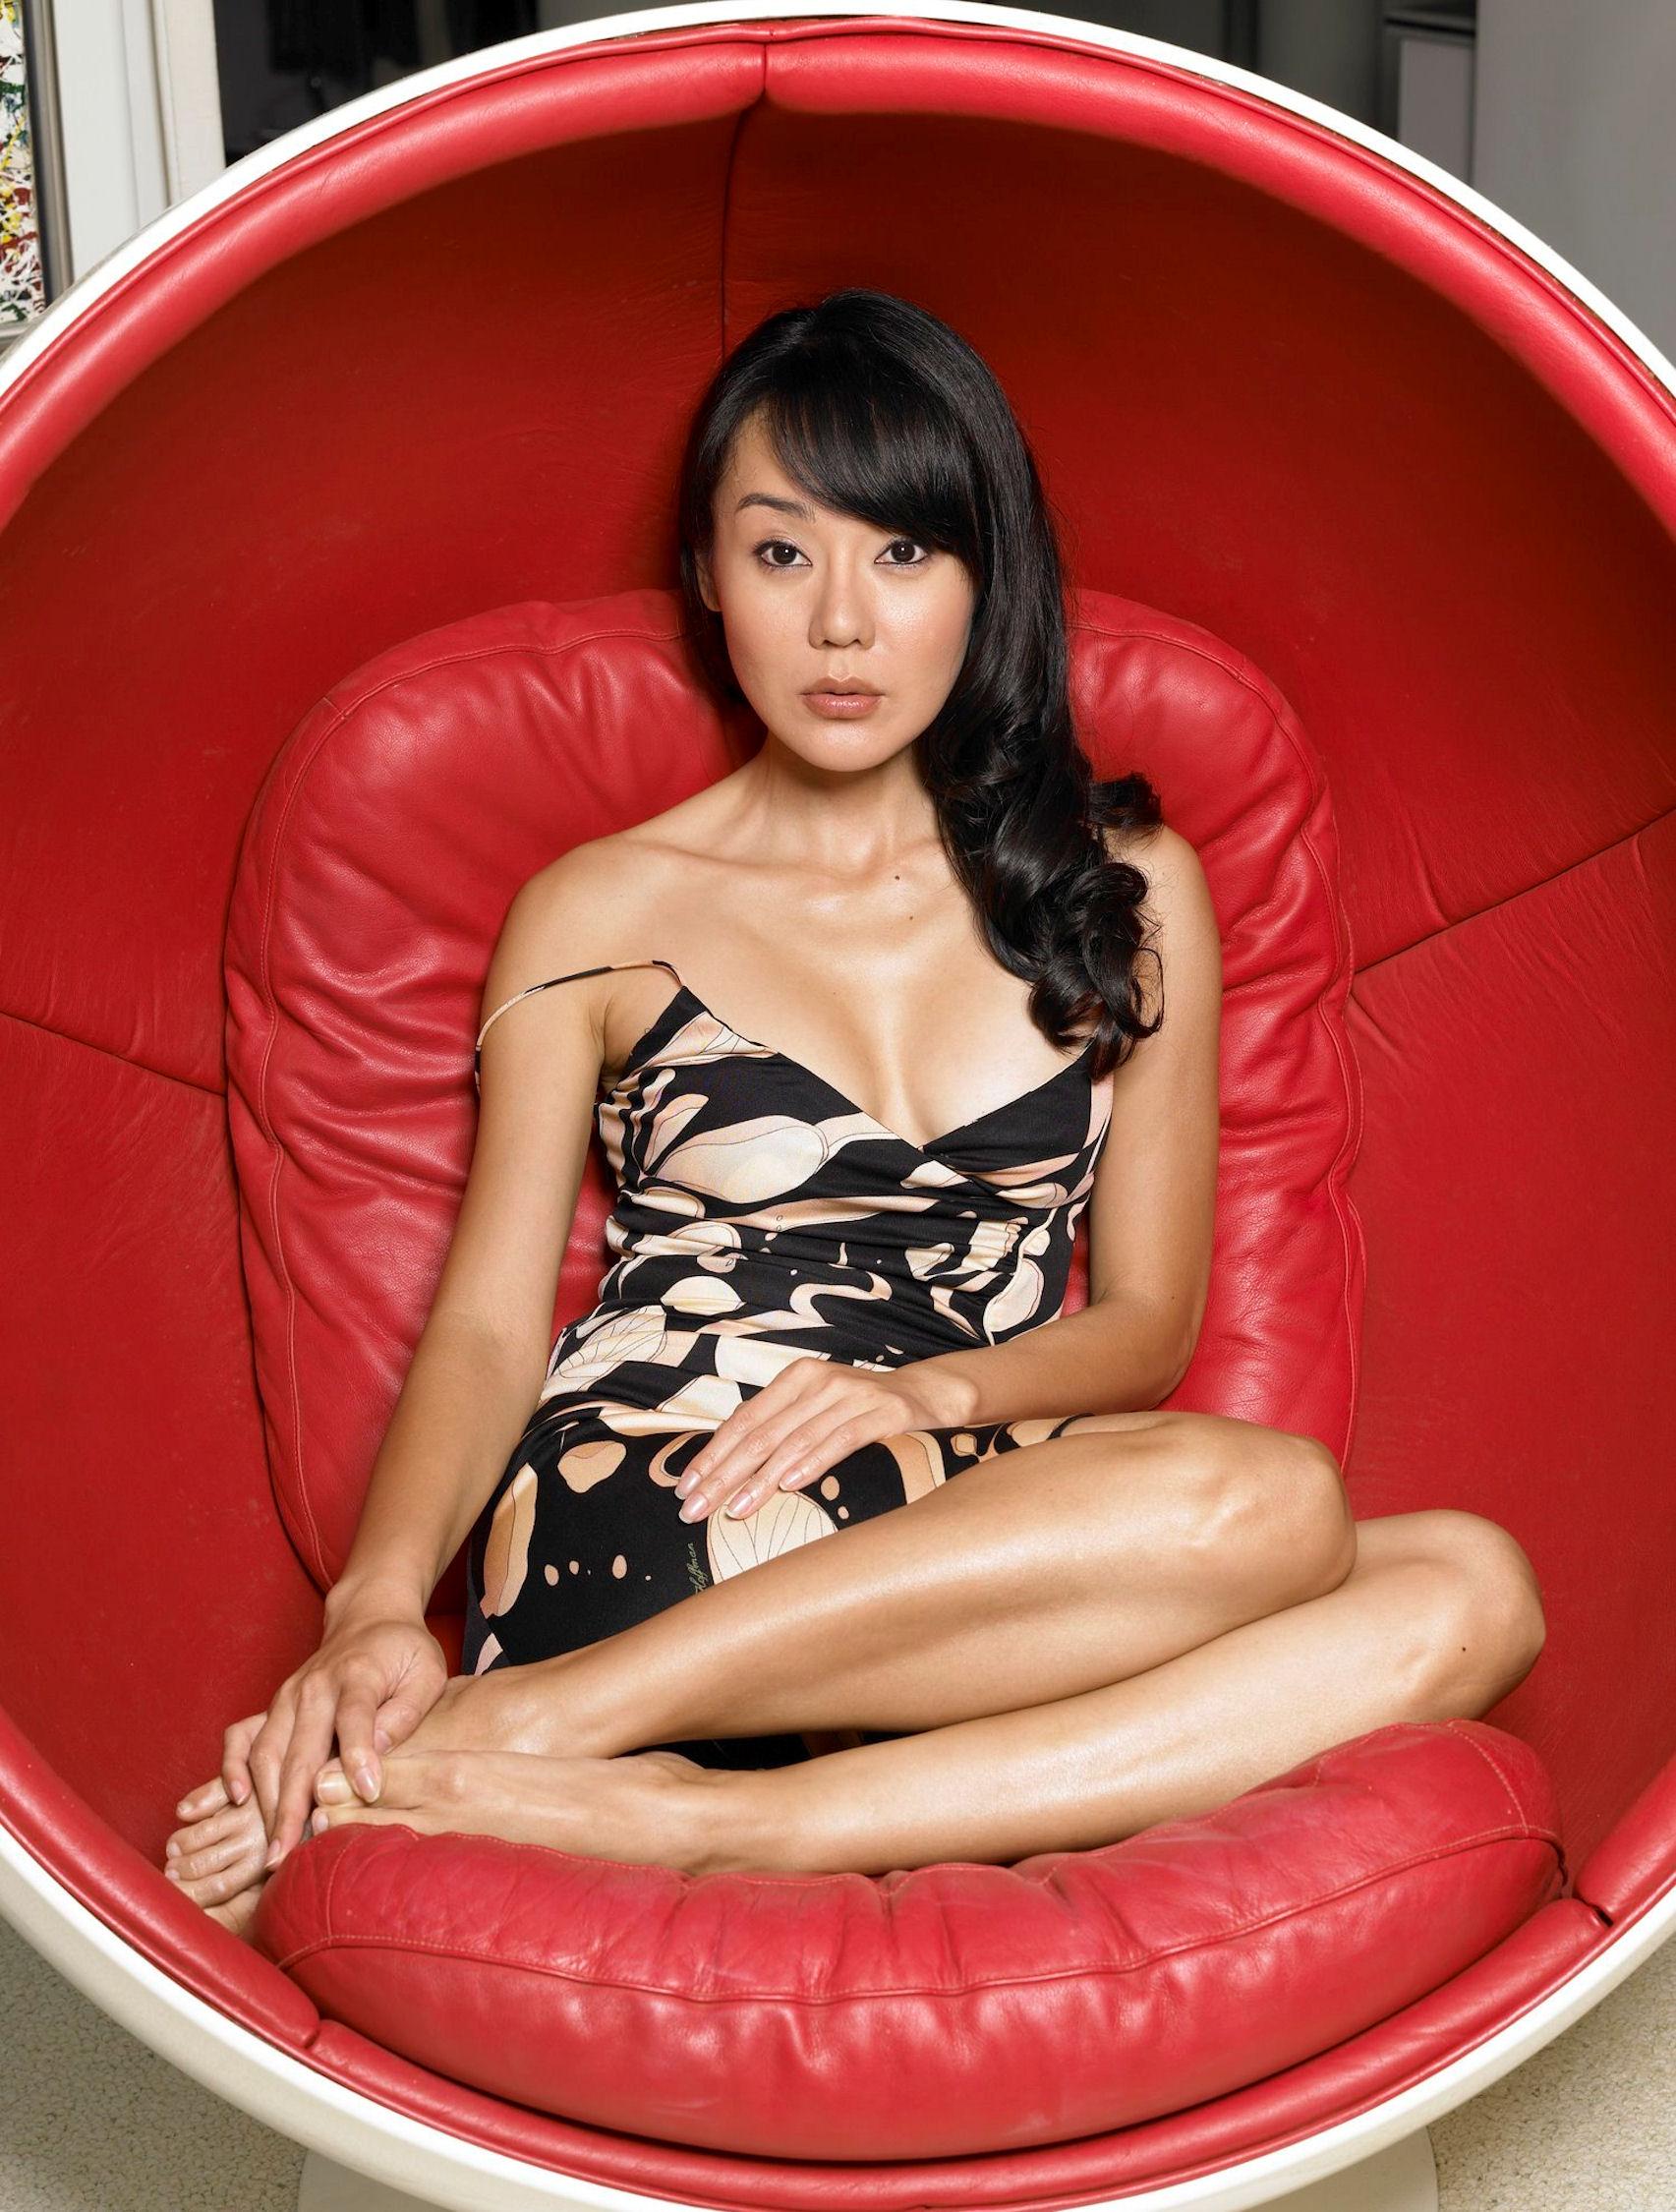 https://pics.wikifeet.com/Yunjin-Kim-Feet-33046.jpg